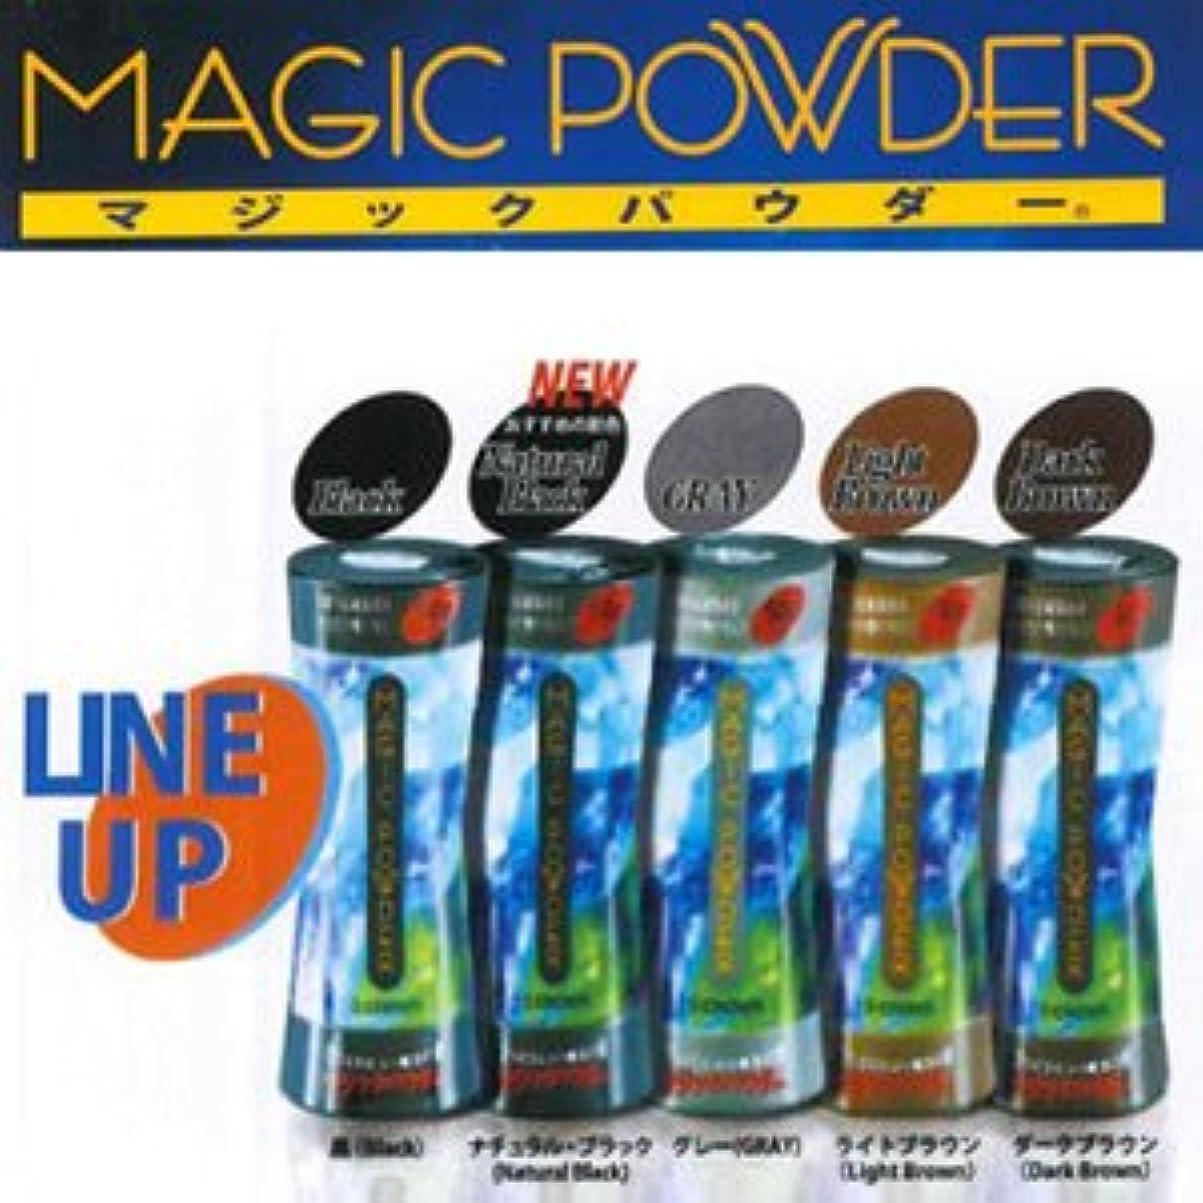 証明書罹患率感情MAGIC POWDER マジックパウダー ダークブラウン 50g  ※貴方の髪を簡単ボリュームアップ!